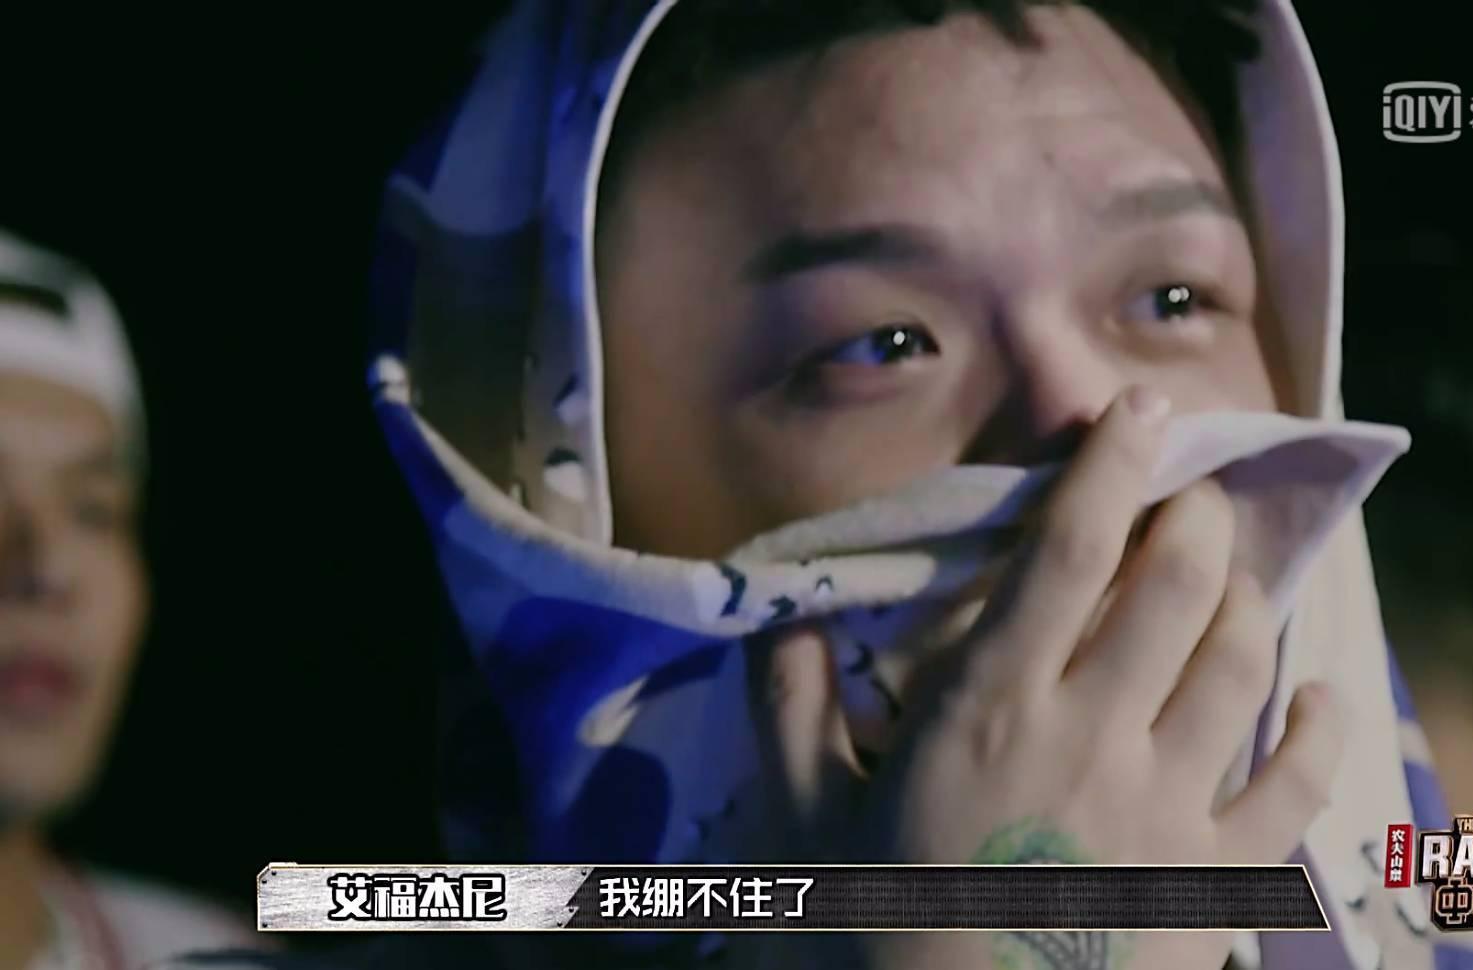 我来告诉你,为什么昨晚吴亦凡在《中国有嘻哈》哭成了傻逼…